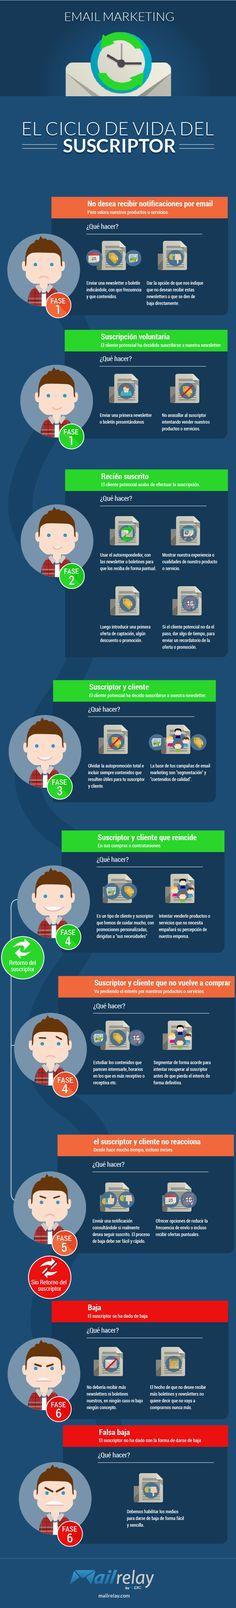 Infografía sobre el ciclo de vida del suscriptor en campañas de email marketing y newsletters